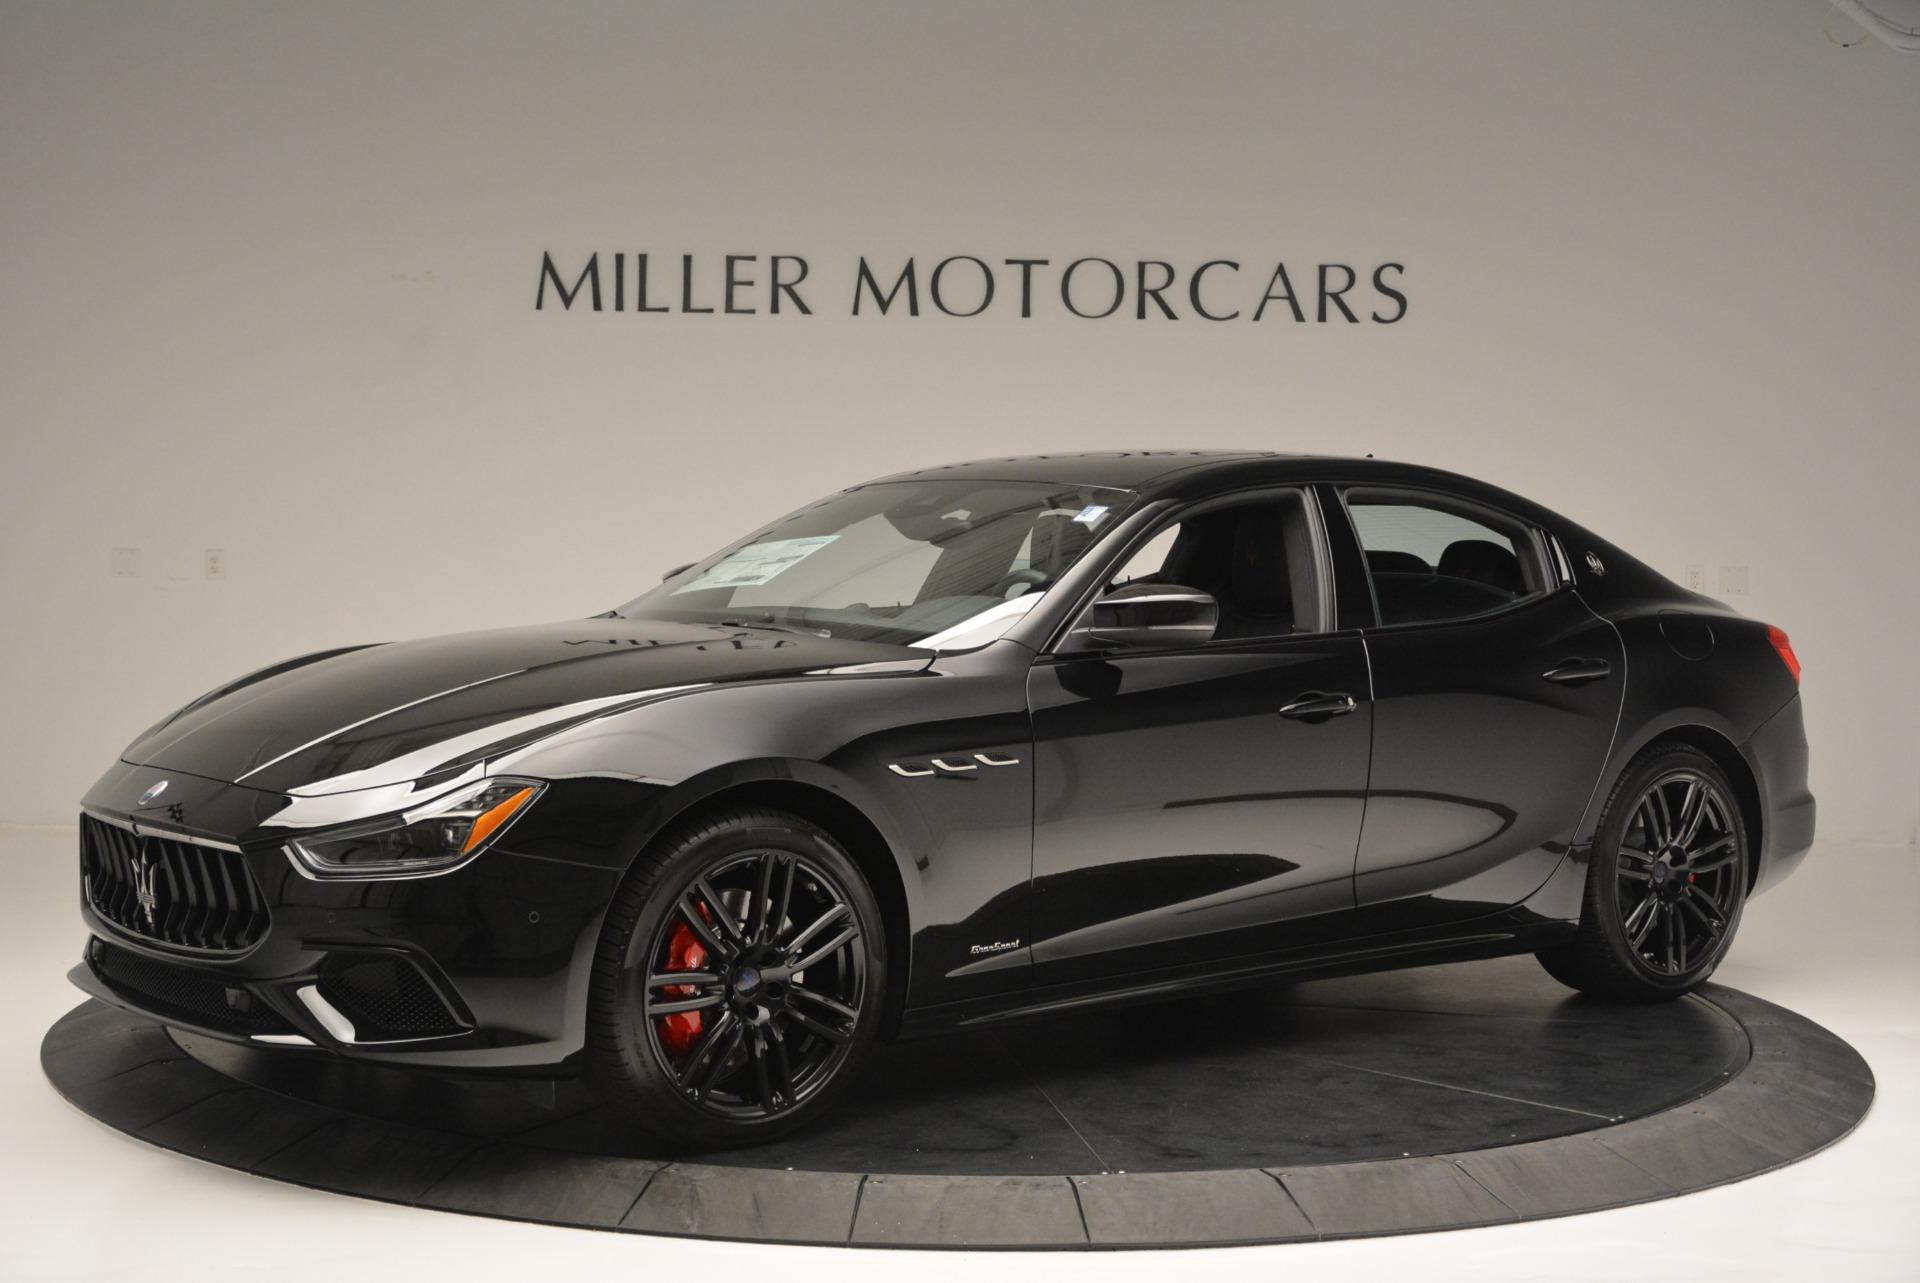 New 2018 Maserati Ghibli SQ4 GranSport Nerissimo For Sale In Greenwich, CT 2278_p2